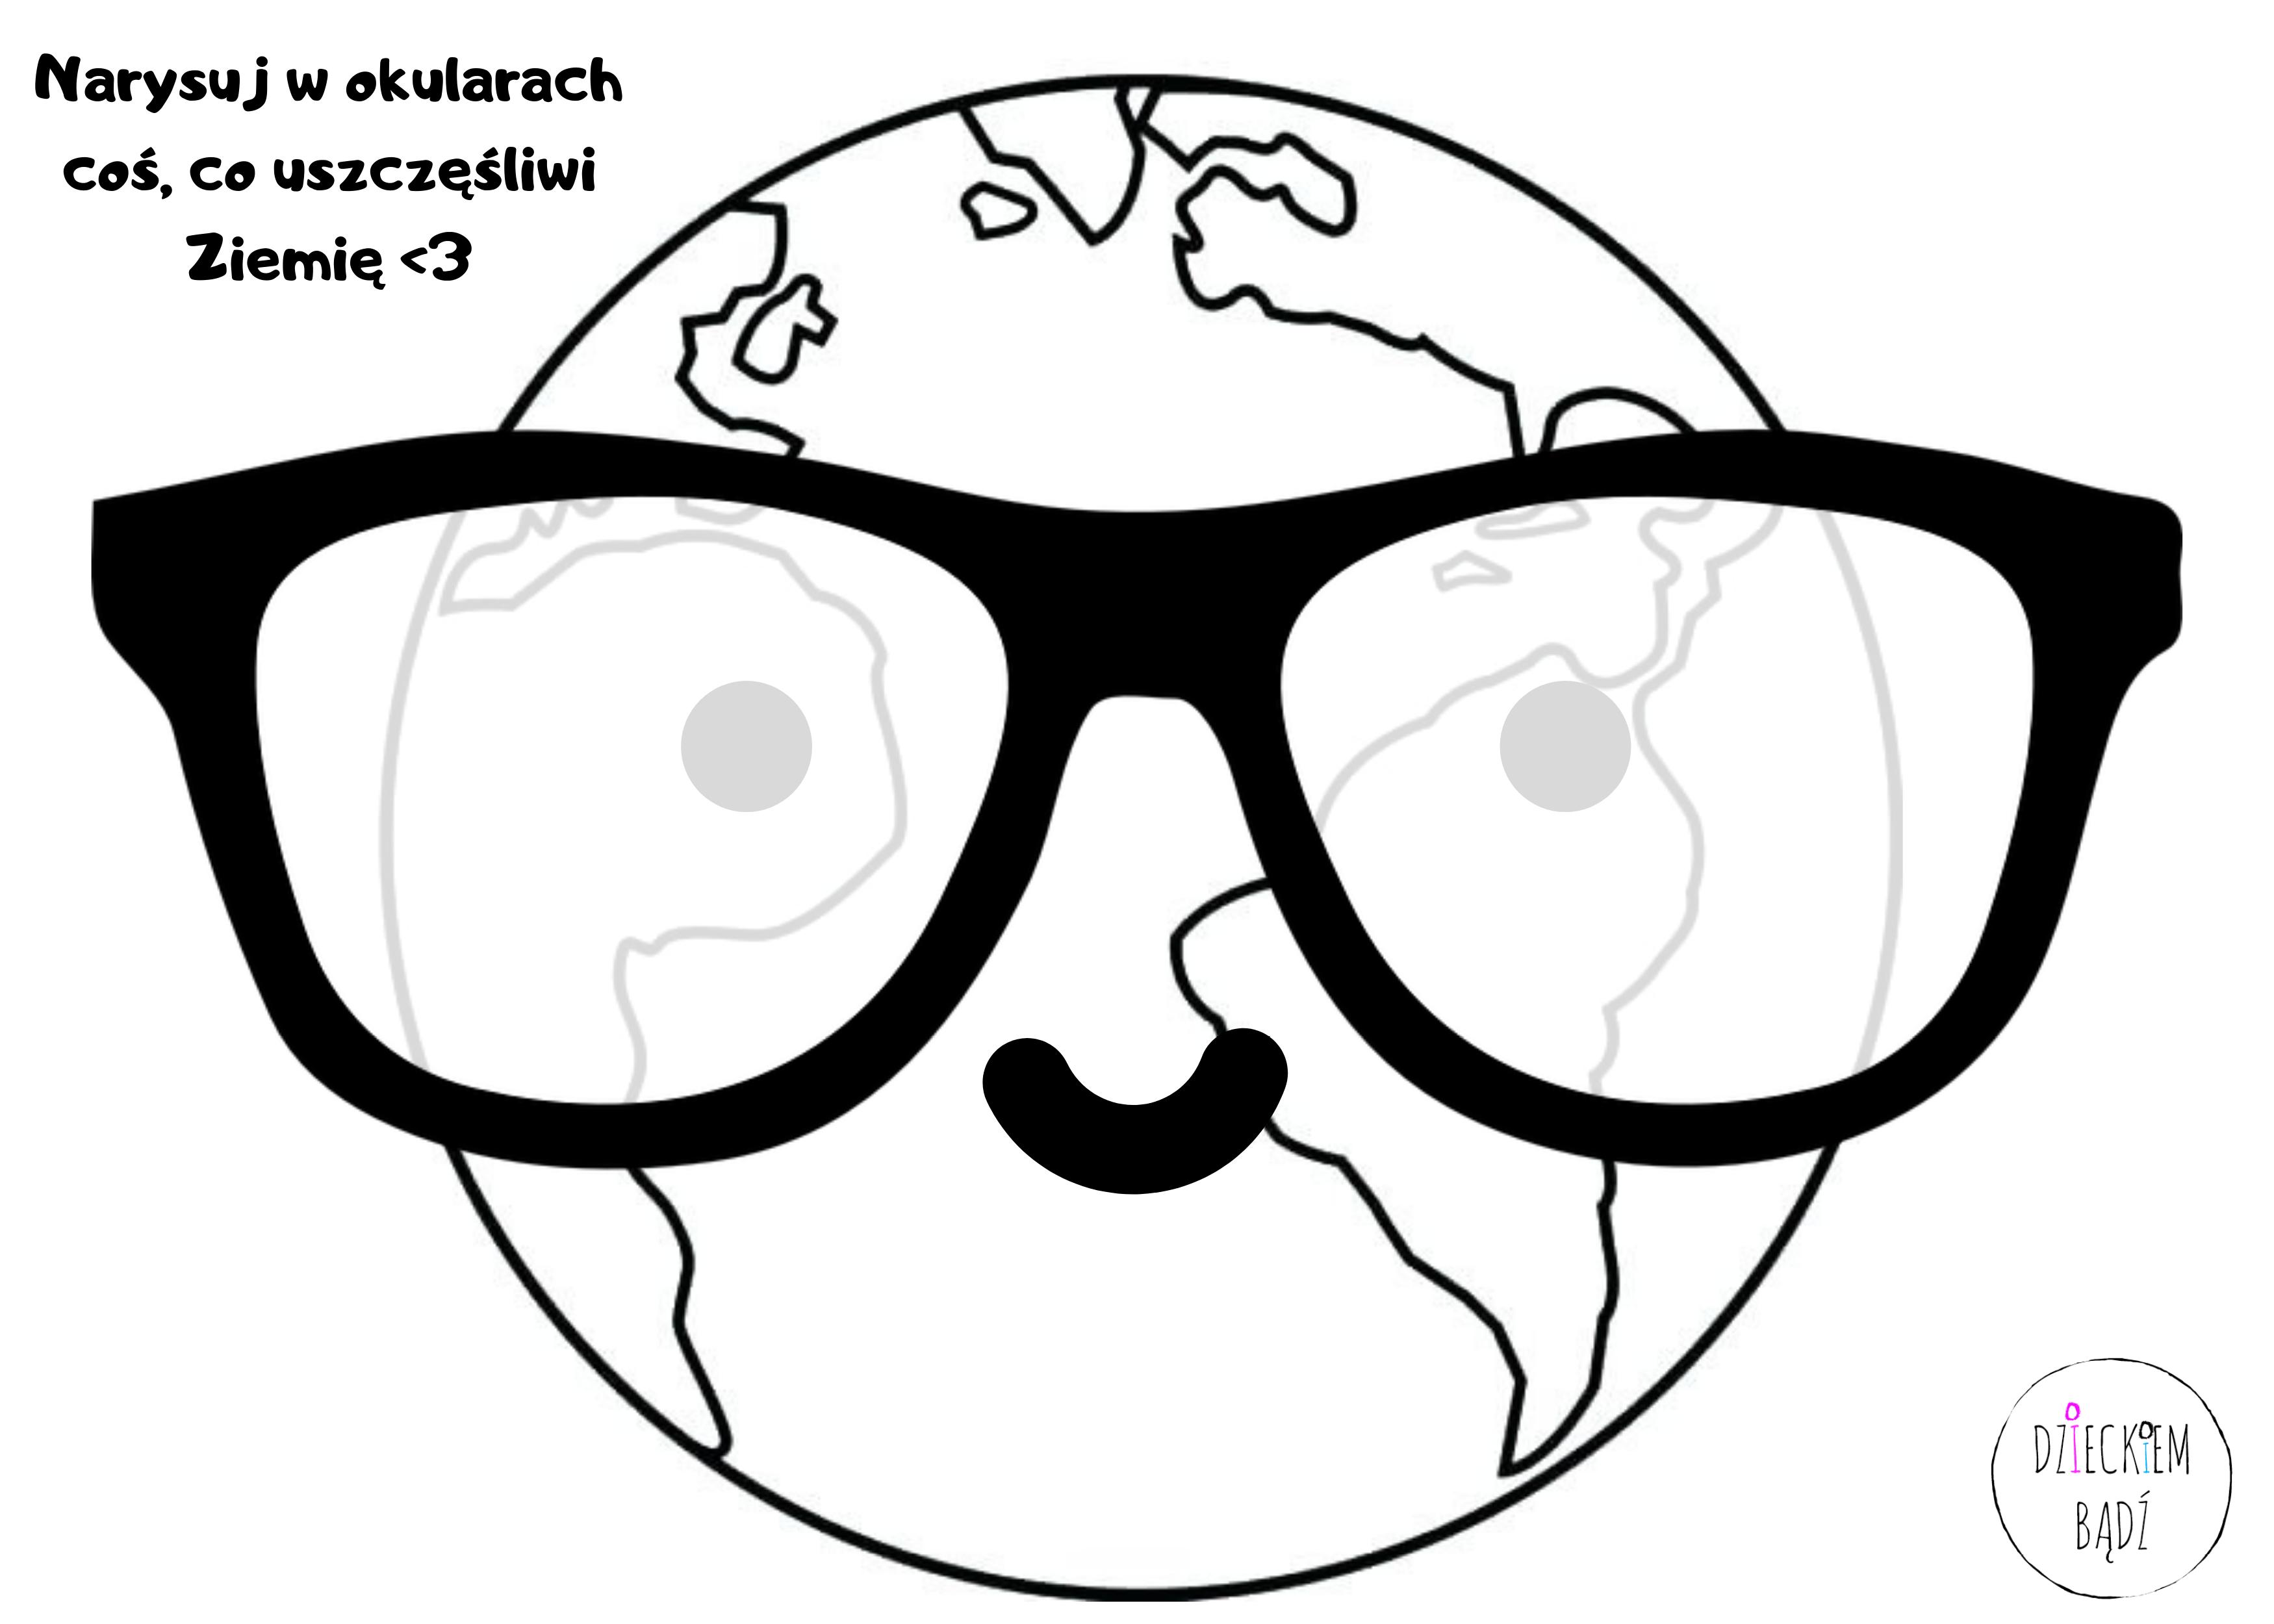 ziemia 1